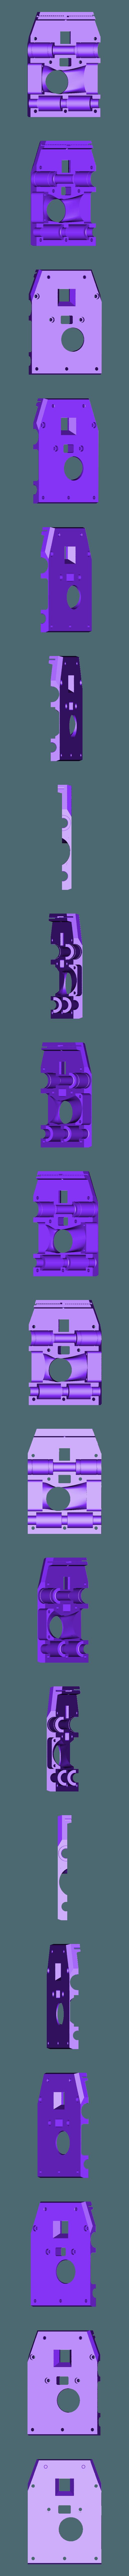 E3D_Mount_v2-11_BOTTOM.STL Télécharger fichier STL gratuit Monture basse pour grenouille poly (RigidBot E3D v6) • Design pour imprimante 3D, WalterHsiao